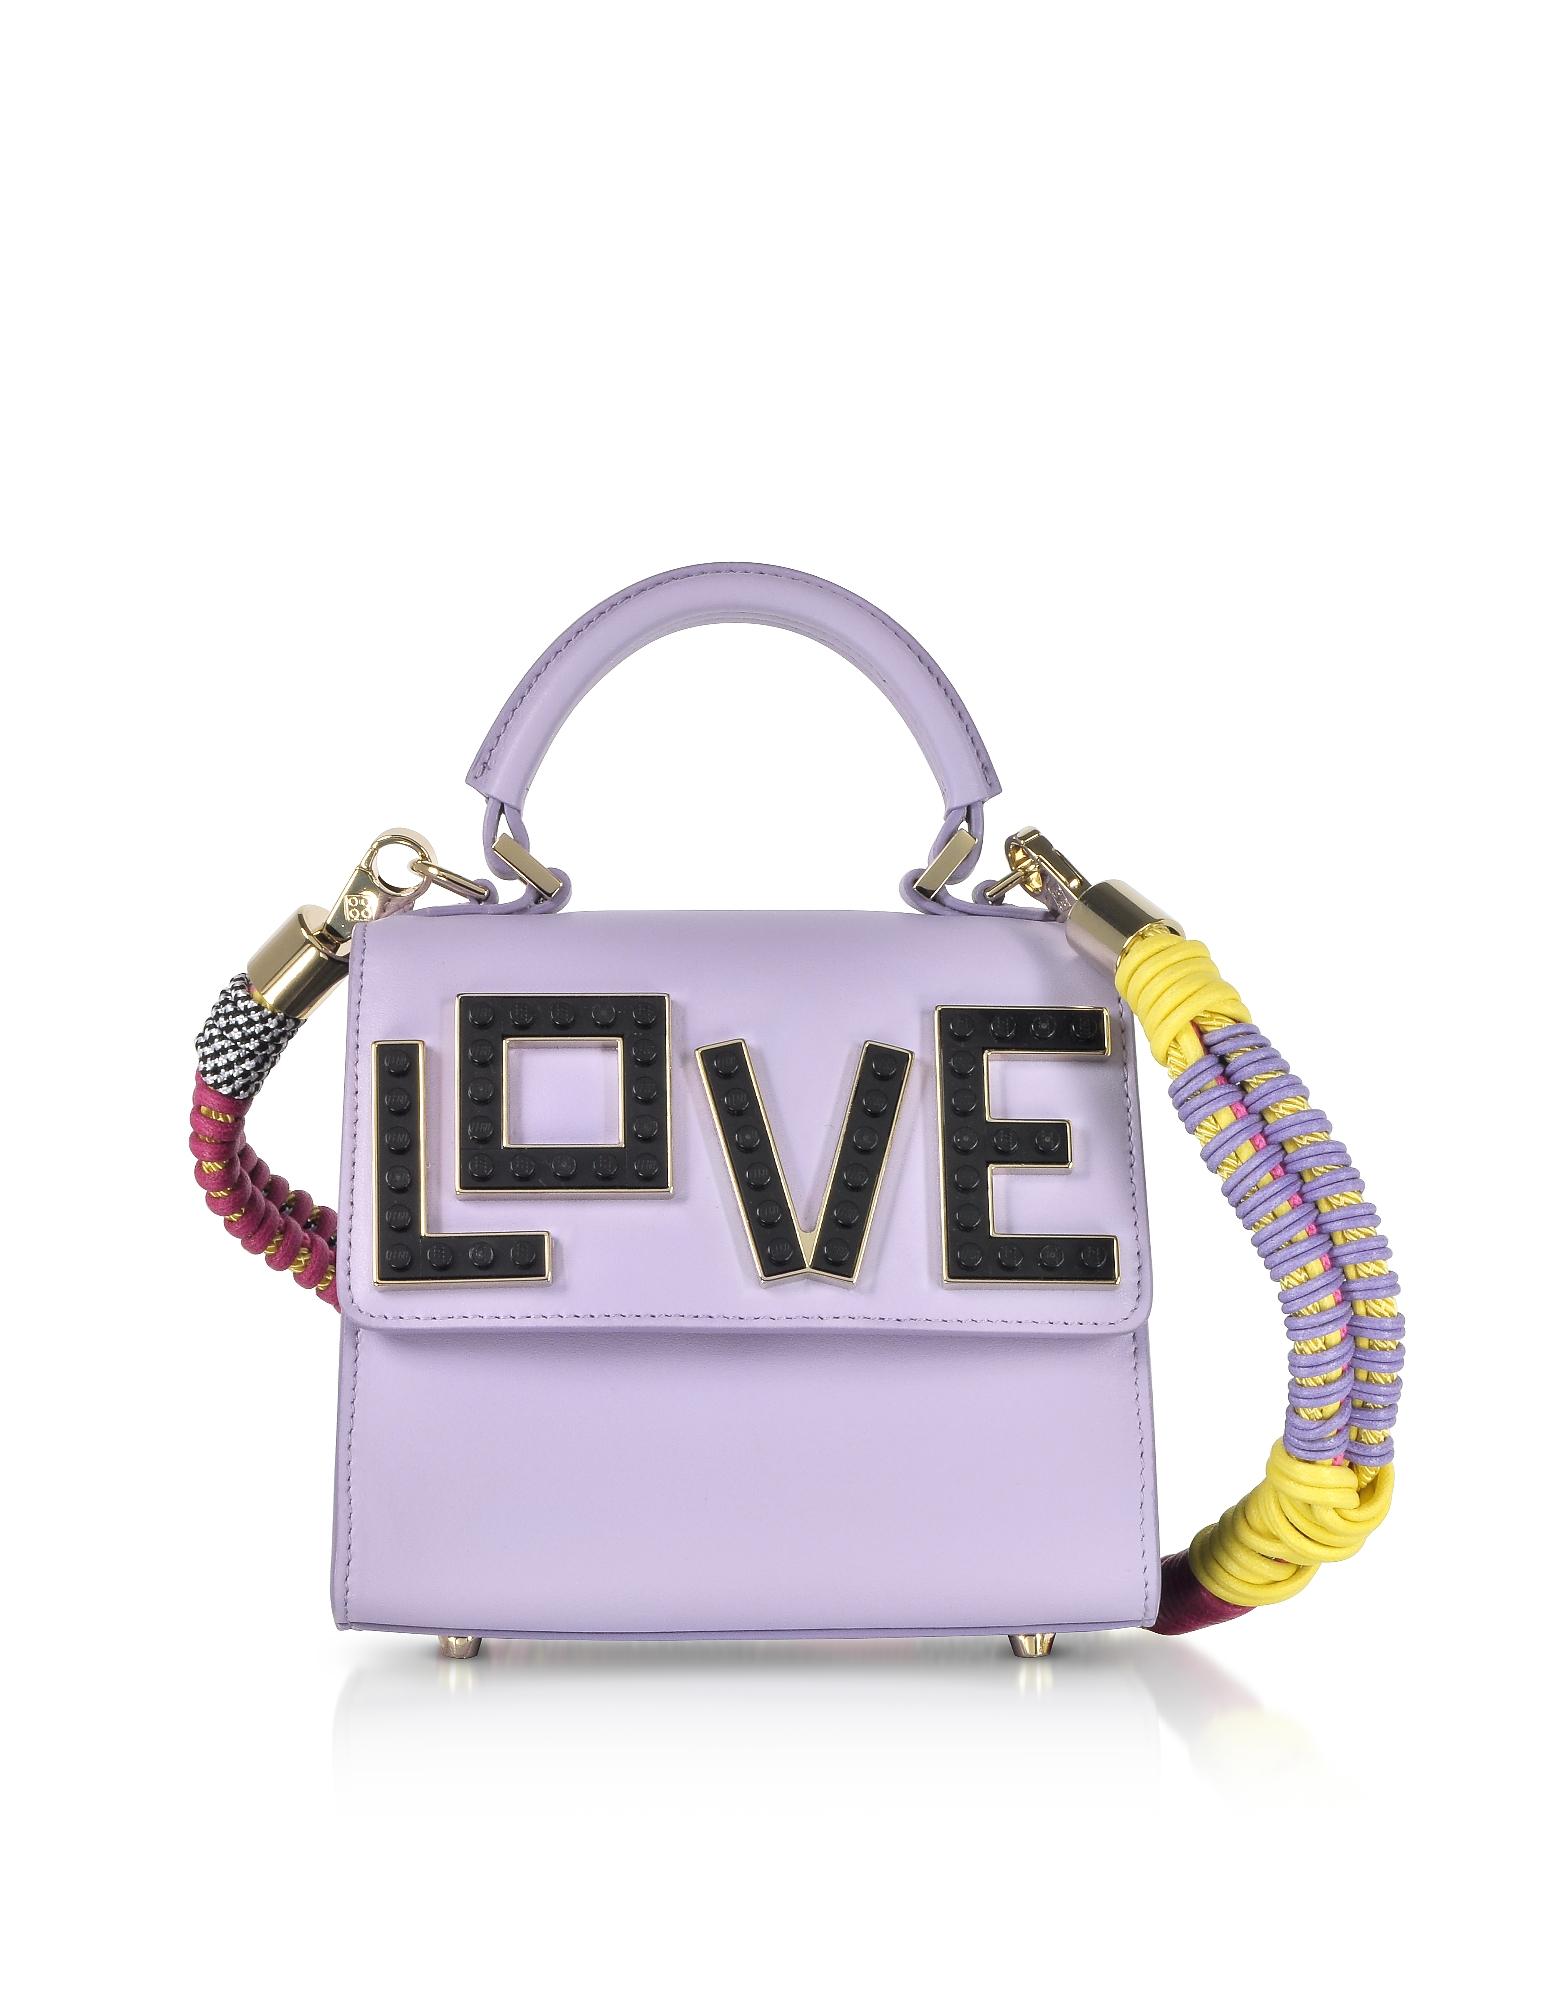 LES PETITS JOUEURS Baby Alex Black Widow Satchel Bag W/Multicolor Braid Strap in Lilac